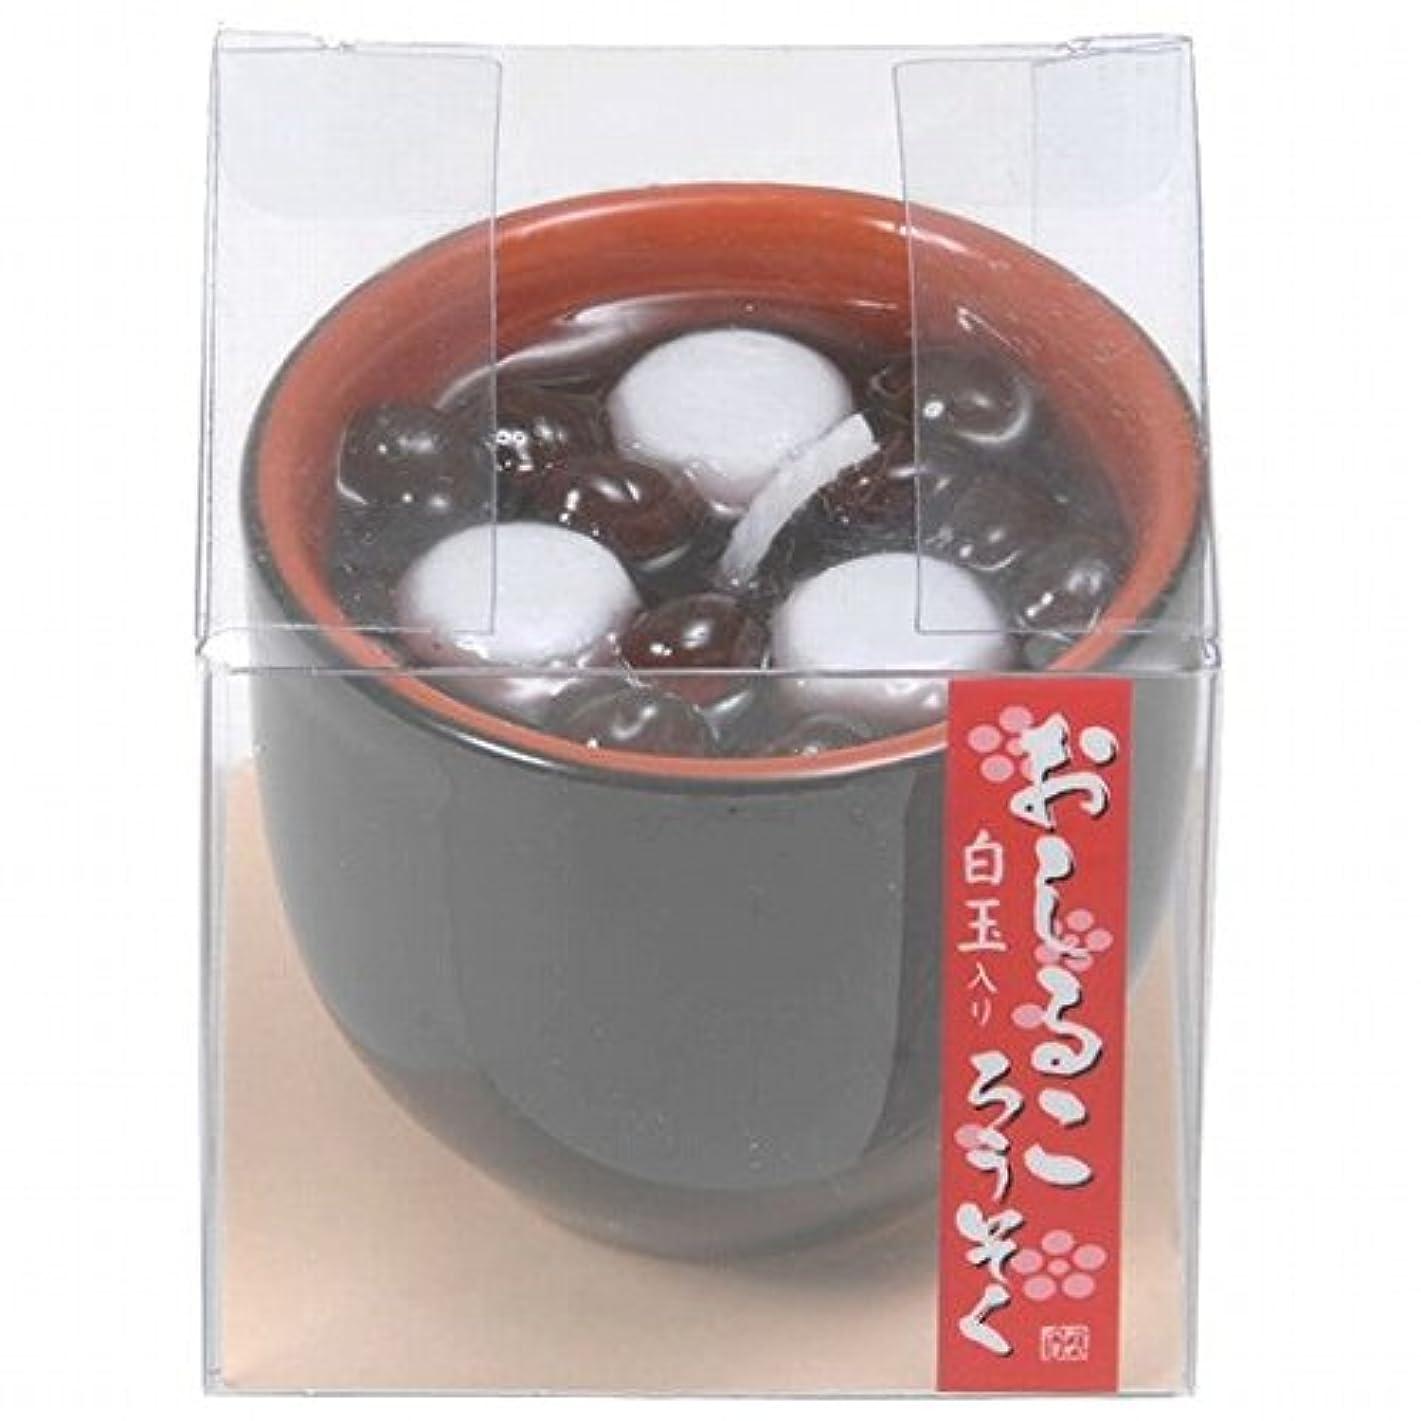 お肉リーズ適合しましたカメヤマキャンドル( kameyama candle ) おしるころうそく キャンドル